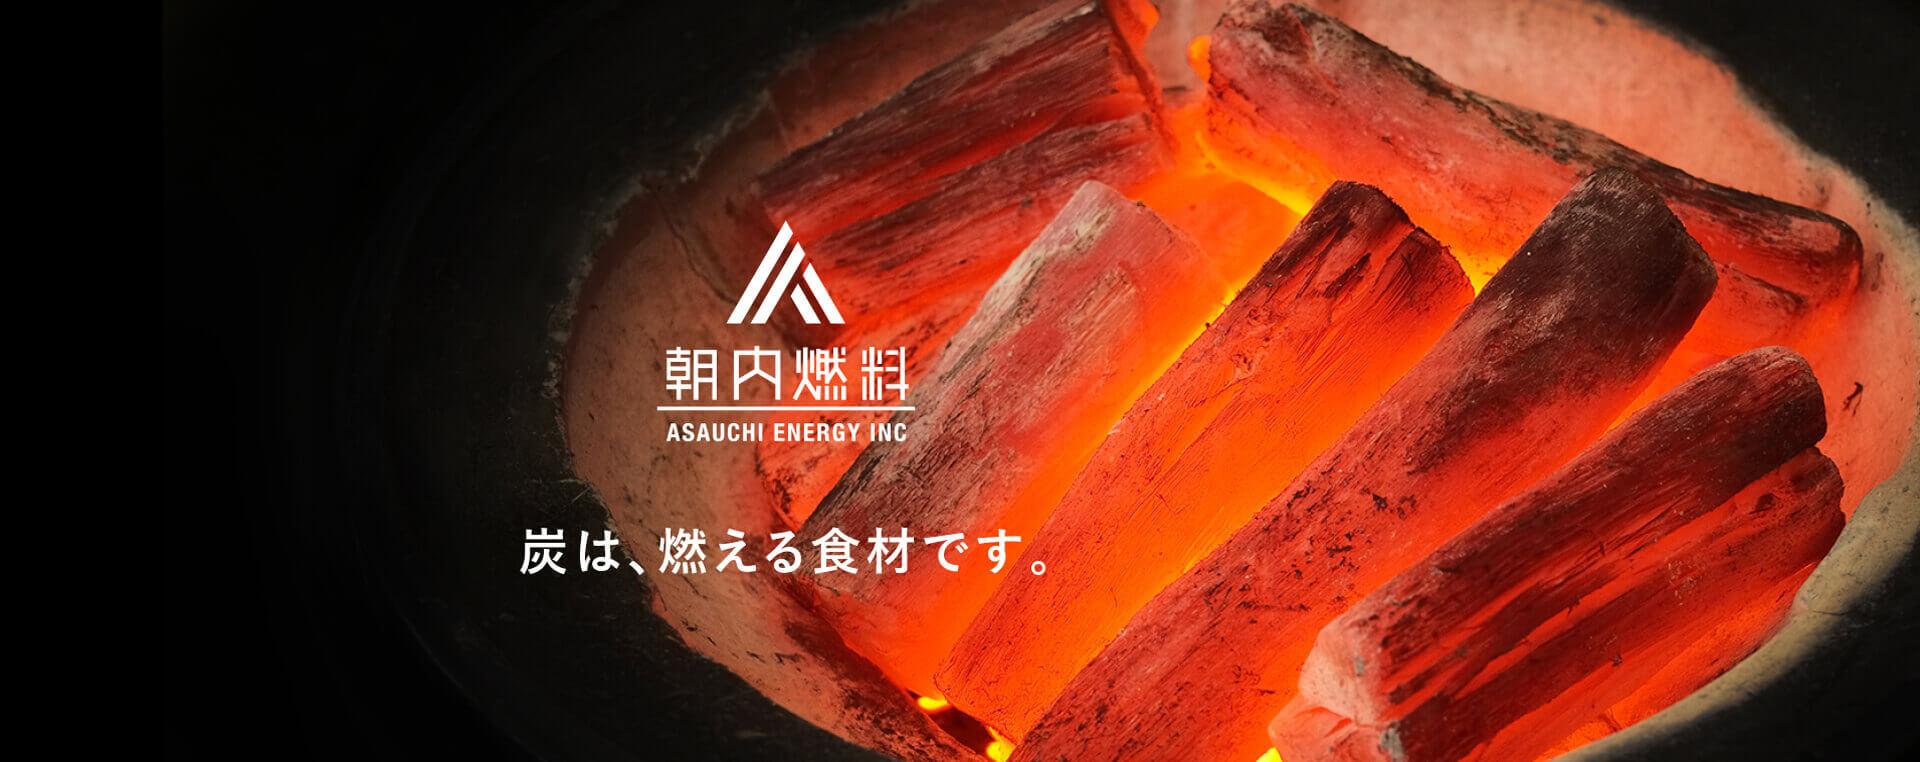 炭問屋|朝内燃料のロゴと備長炭が燃える様子